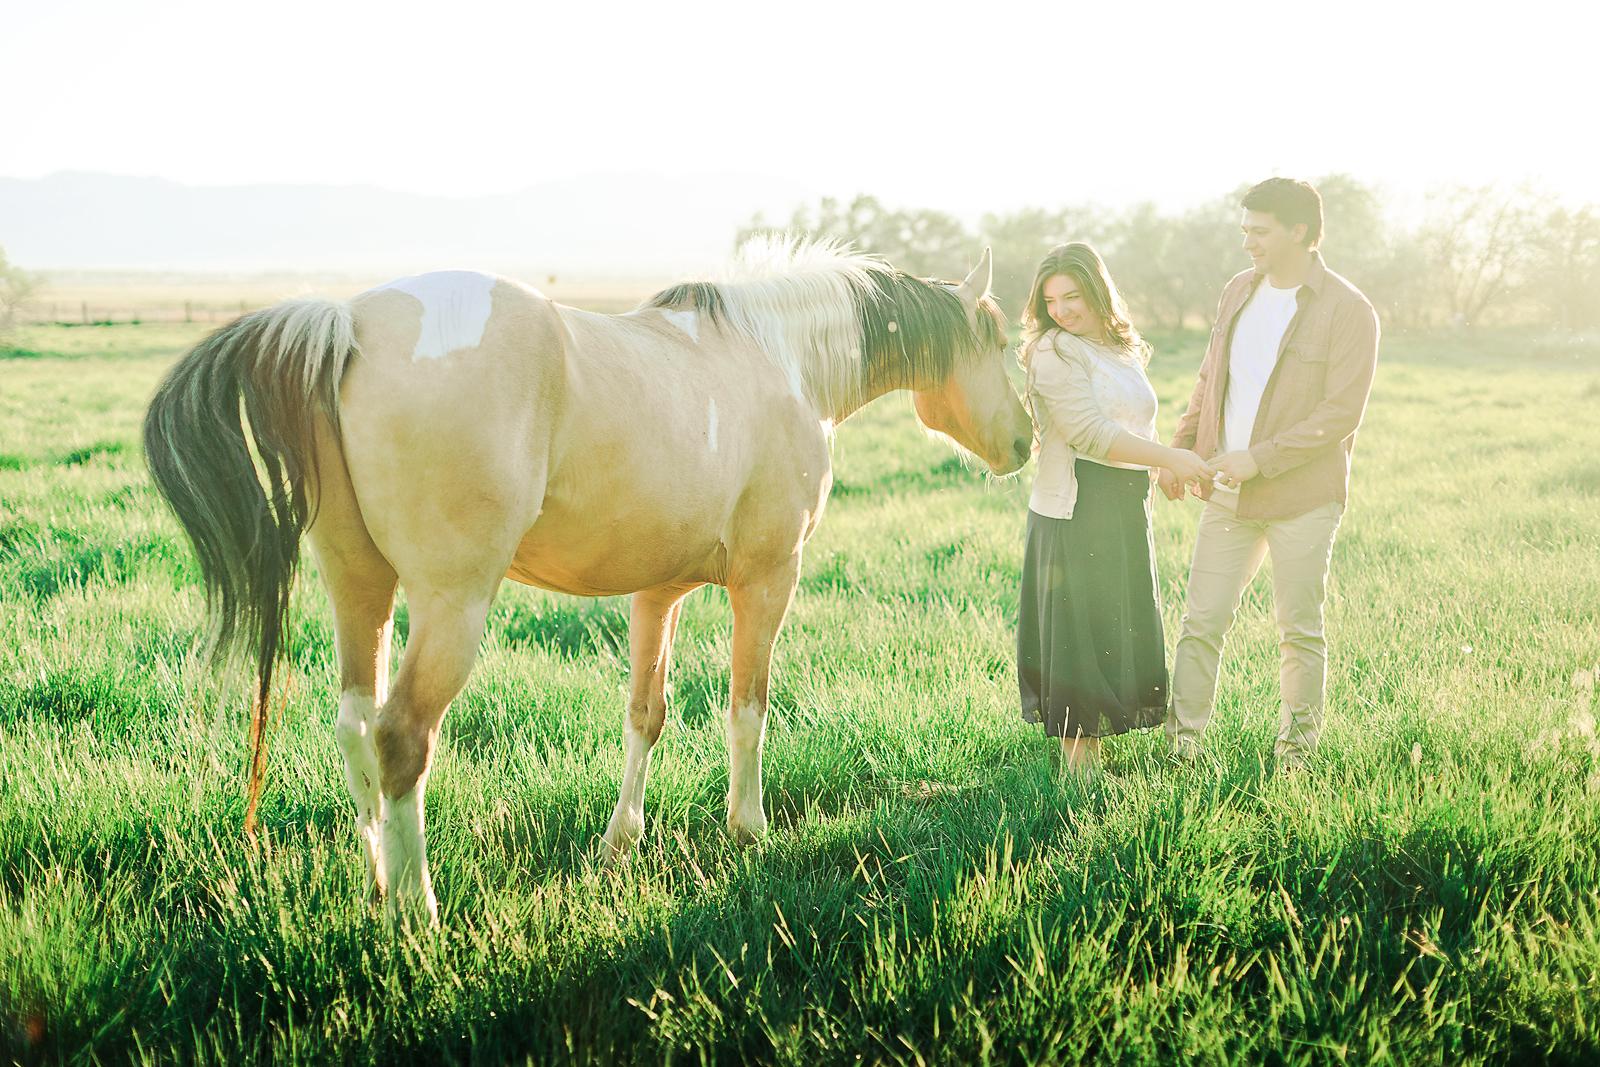 wedding_anniversary_photo_shoot_016.jpg